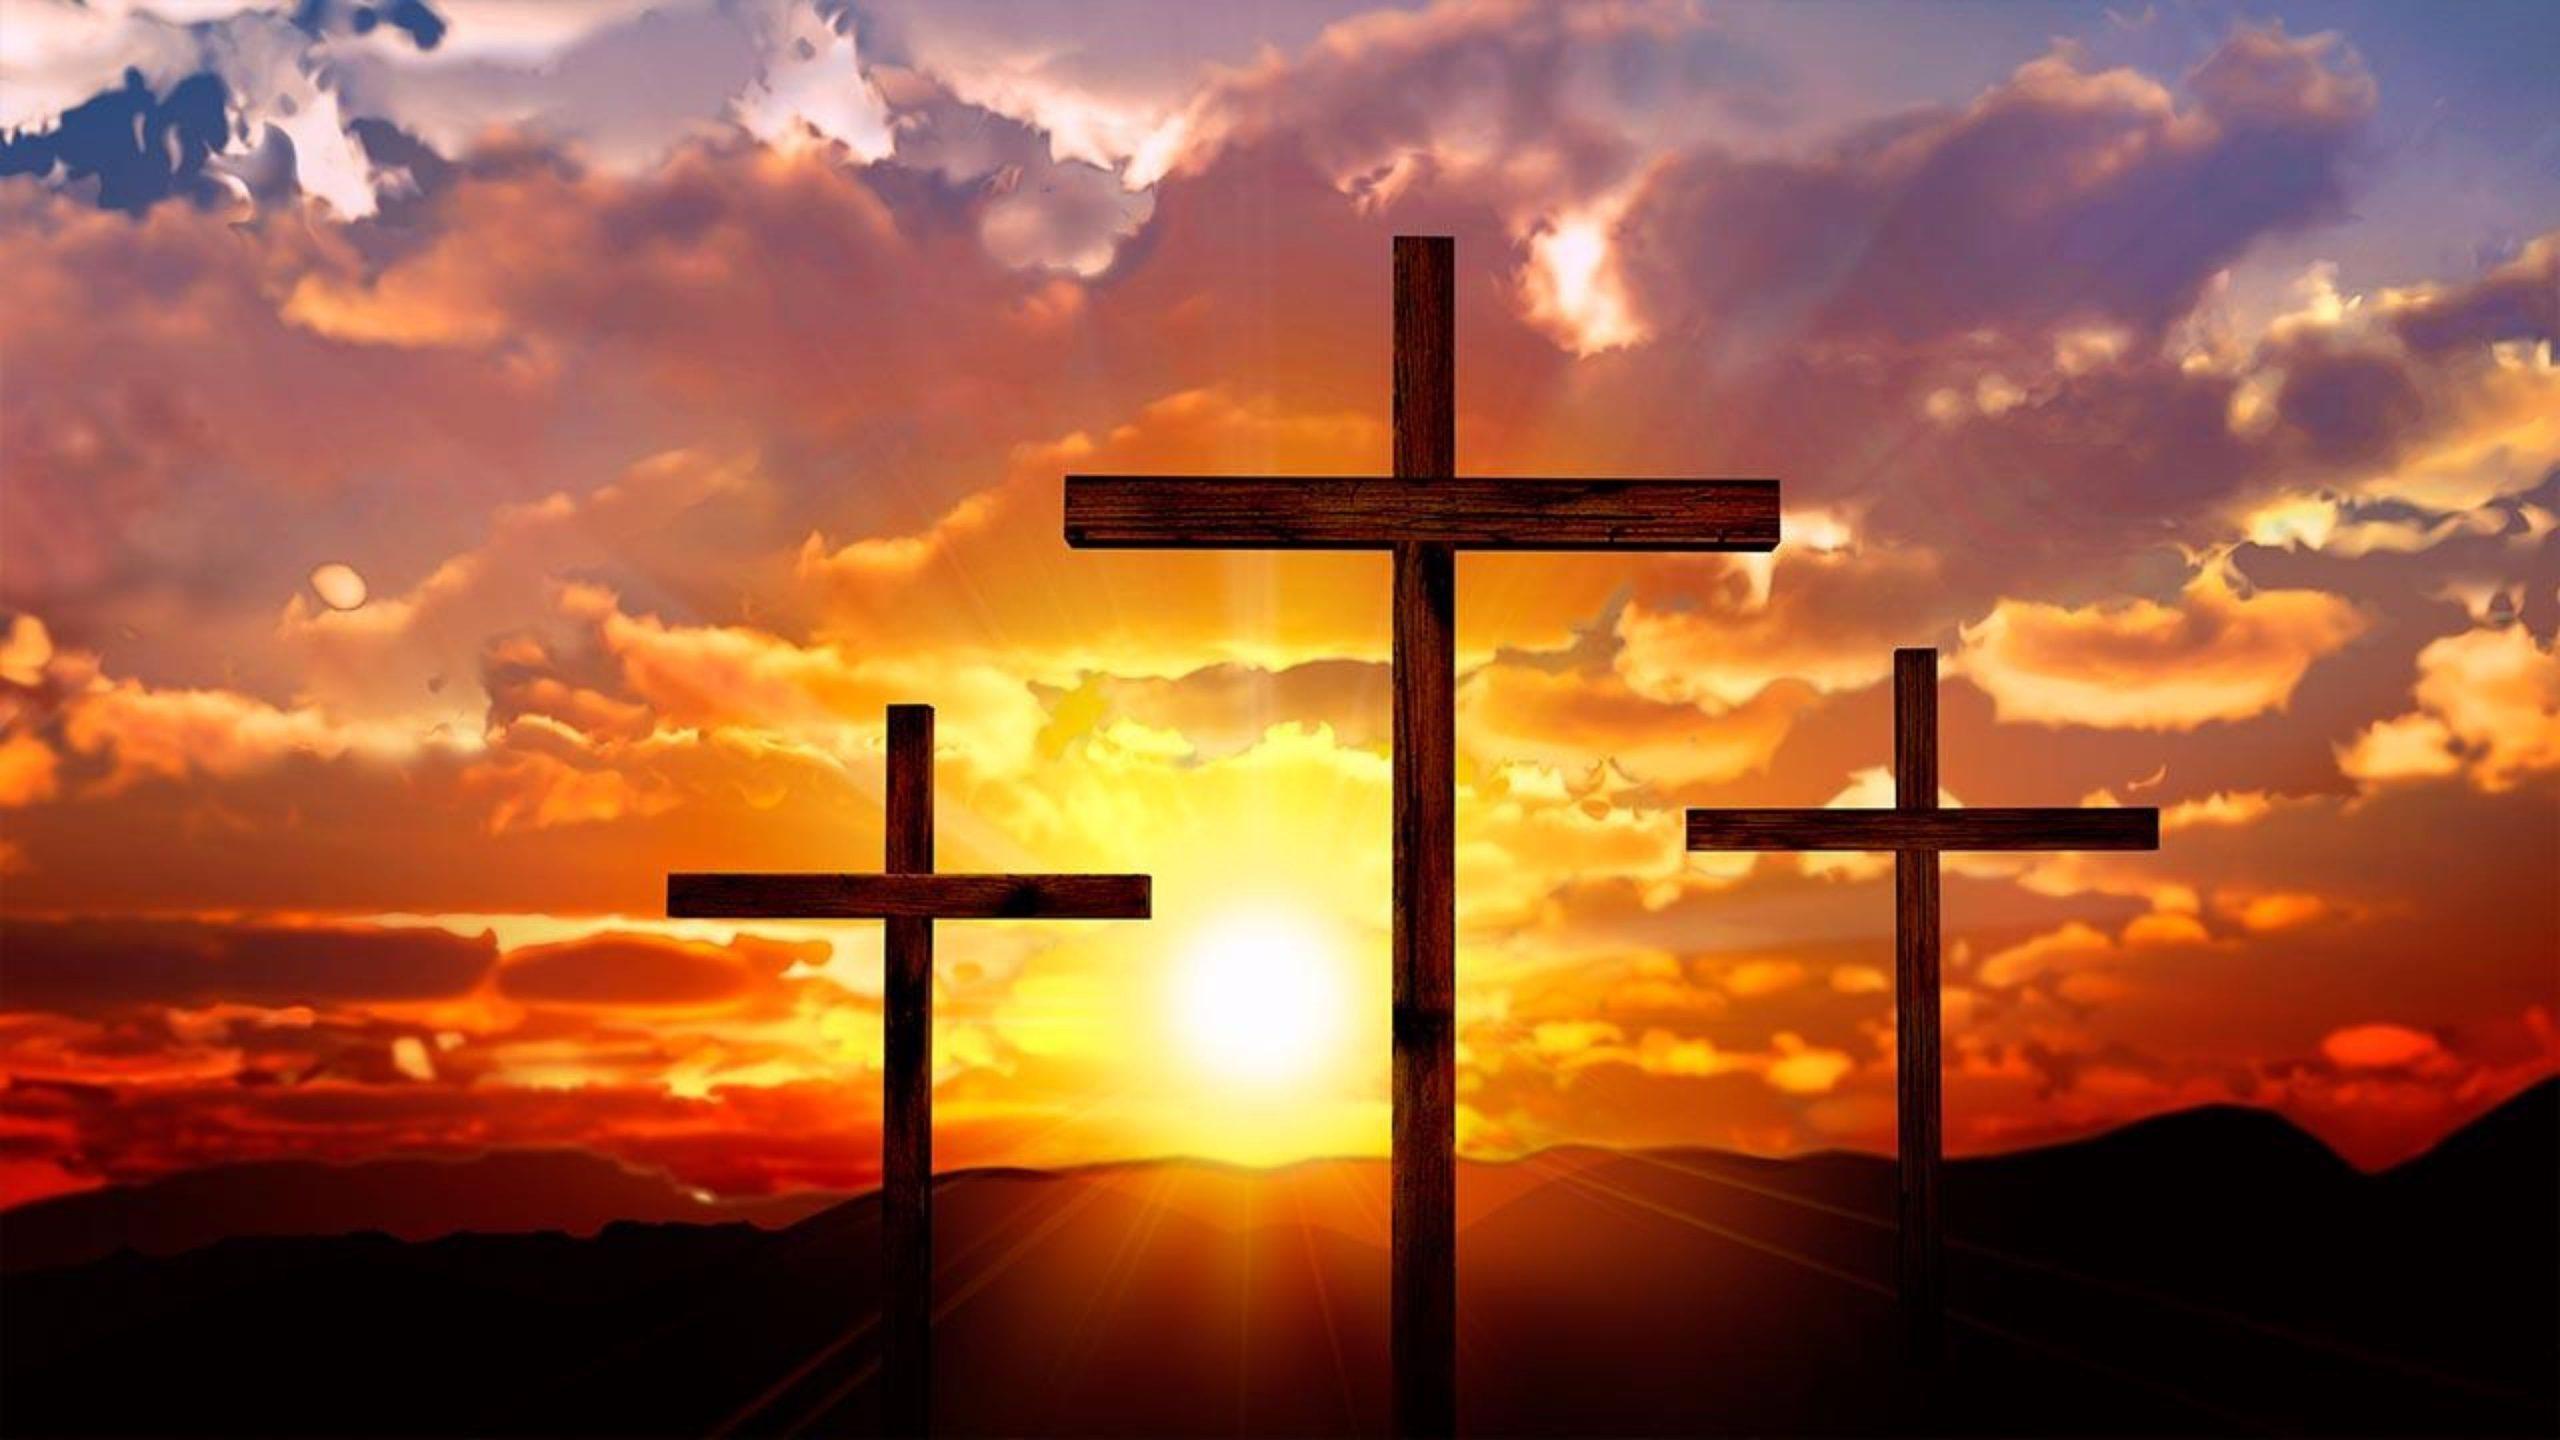 PUJI-PUJIAN BAGI YESUS KRISTUS, PERANTARA SEJATI